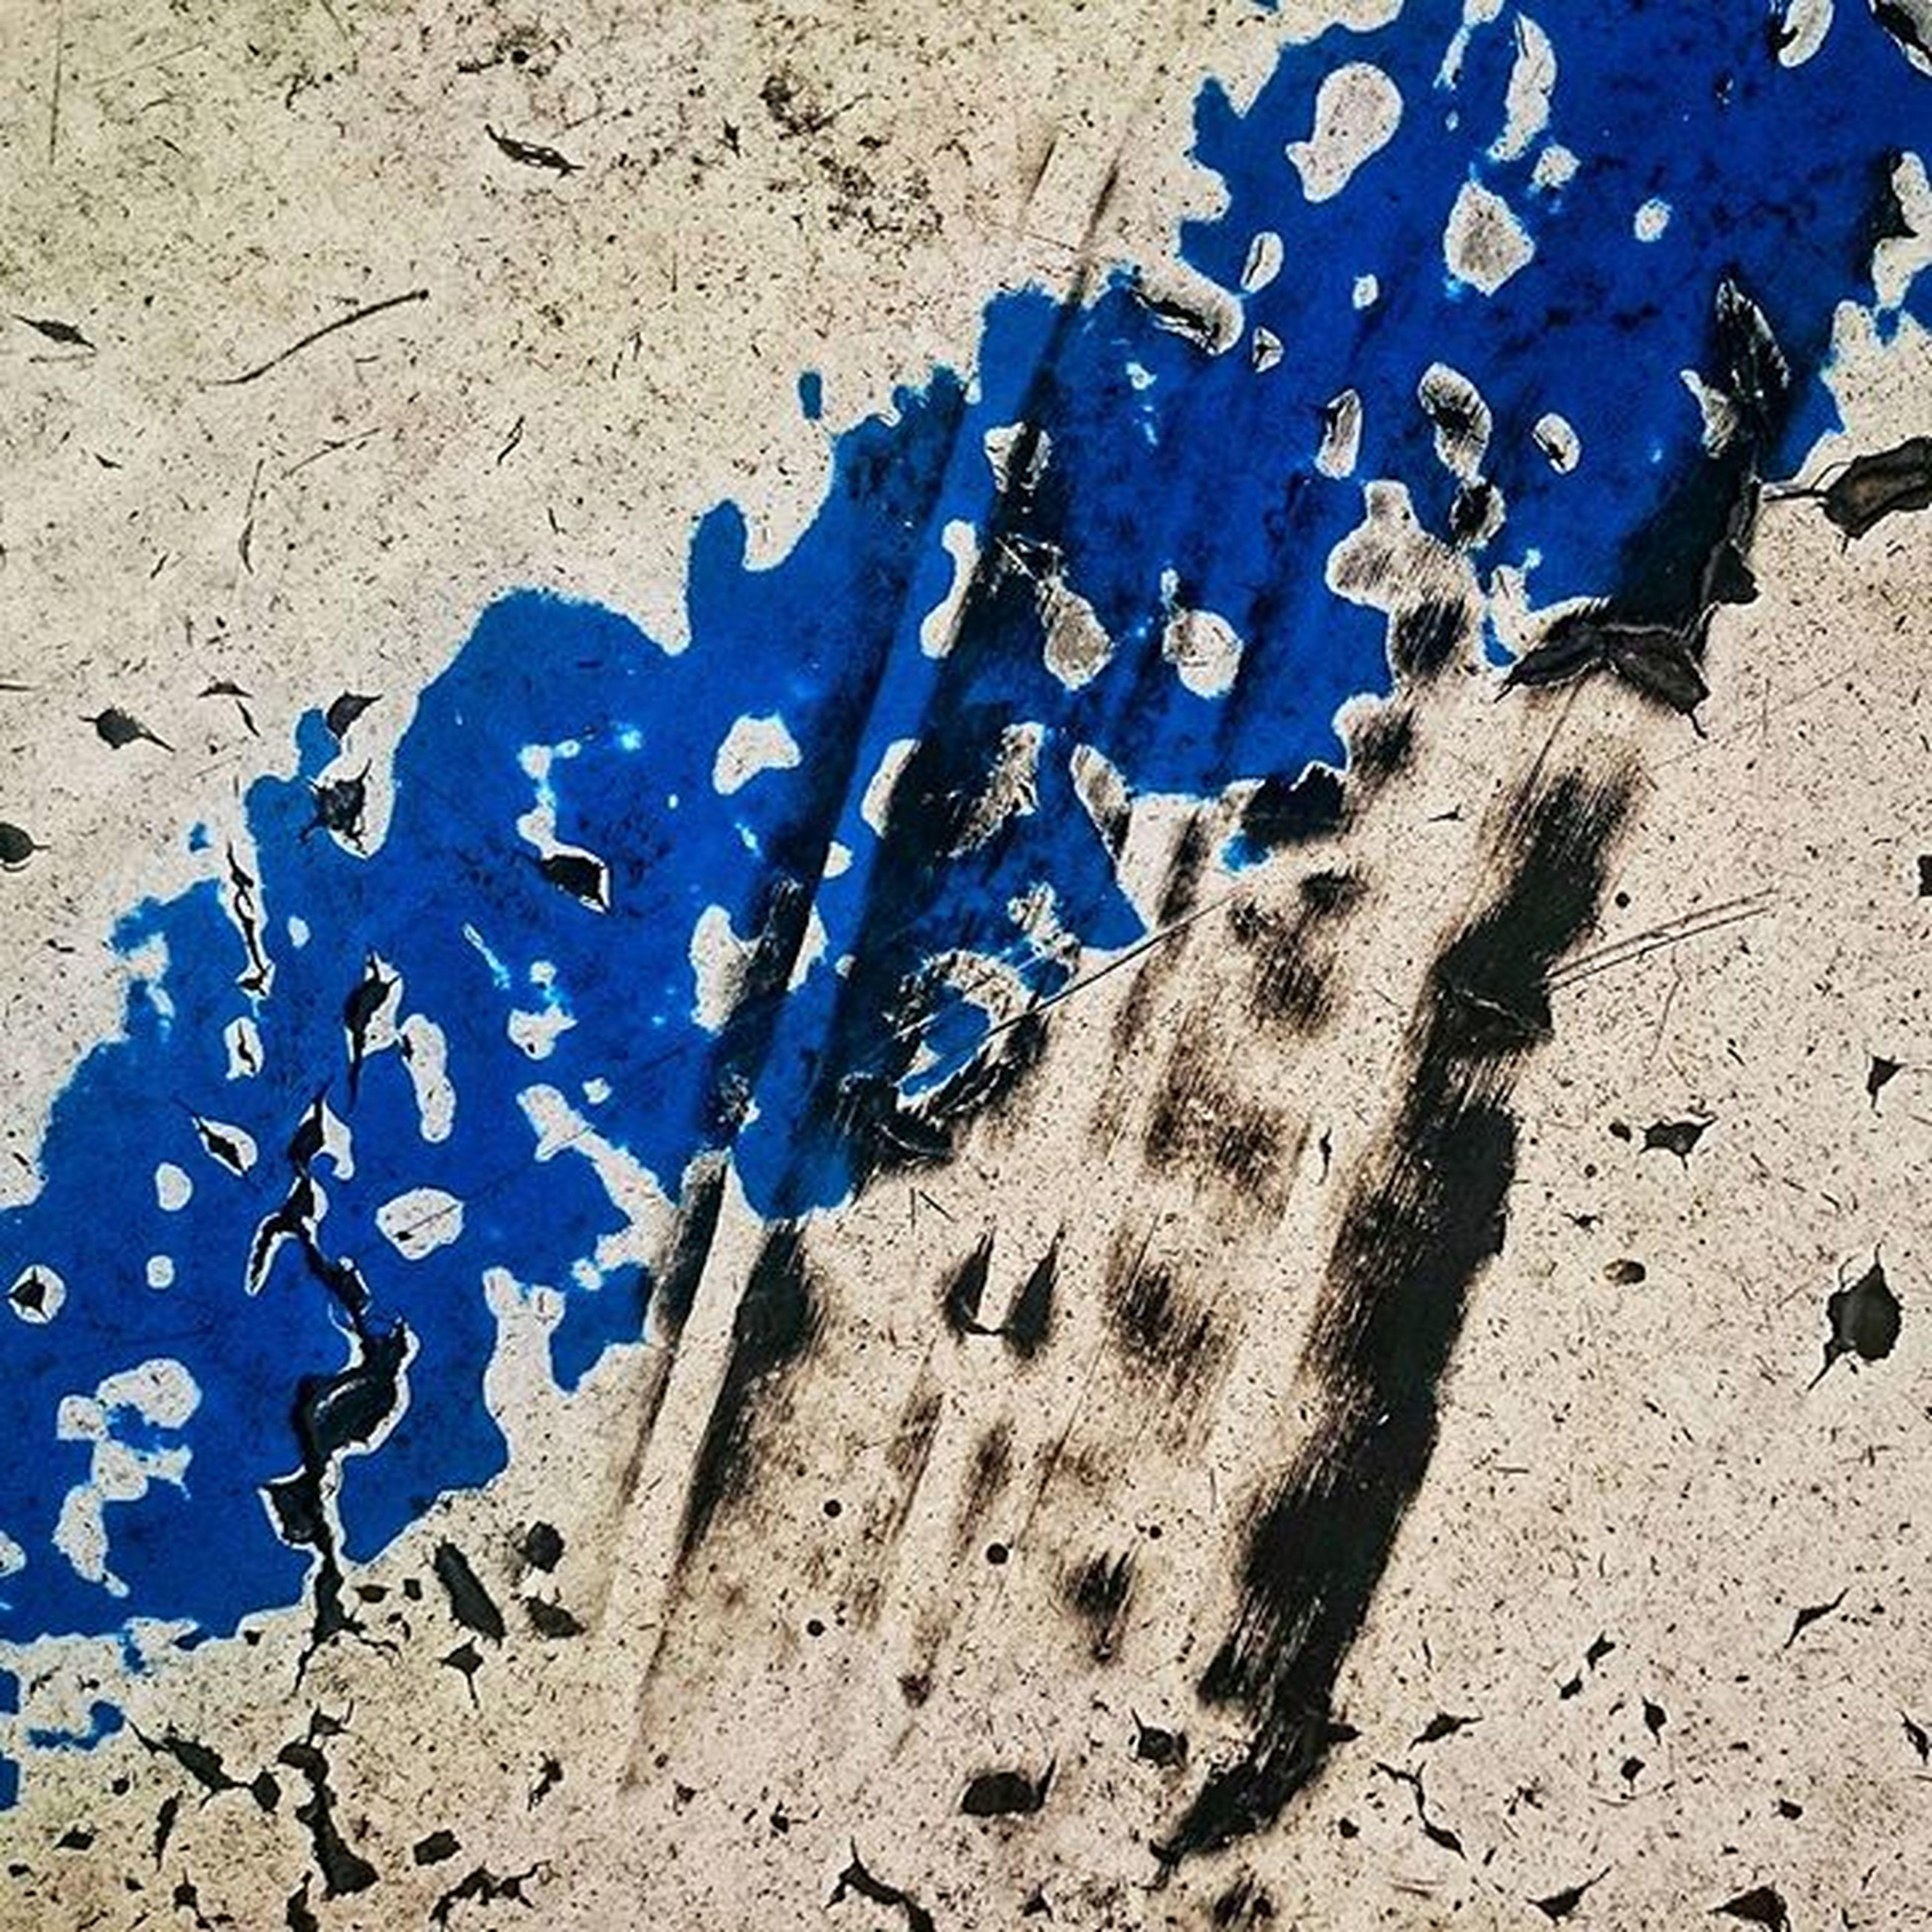 Whiteline Breakline ArtWork ArtWork Streetart Streetlife Aperturefnd Blue Streetphotography Shootermag @art.film Iso1200magazine 1415mobilephotographers Noice_mag Repostapp Memoimages ICP Gupmagazine Lenscratch